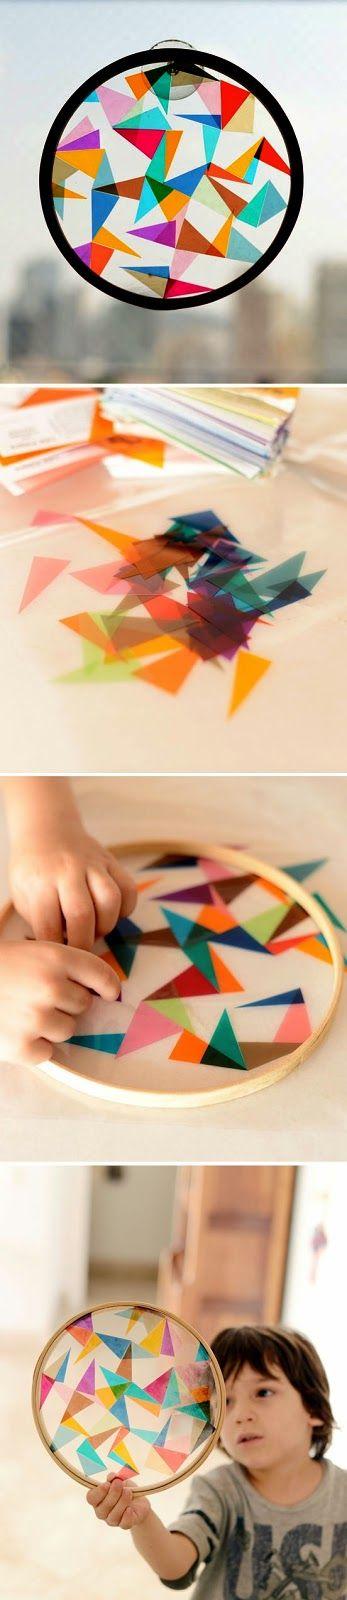 DIY Colorful geometric sun catcher